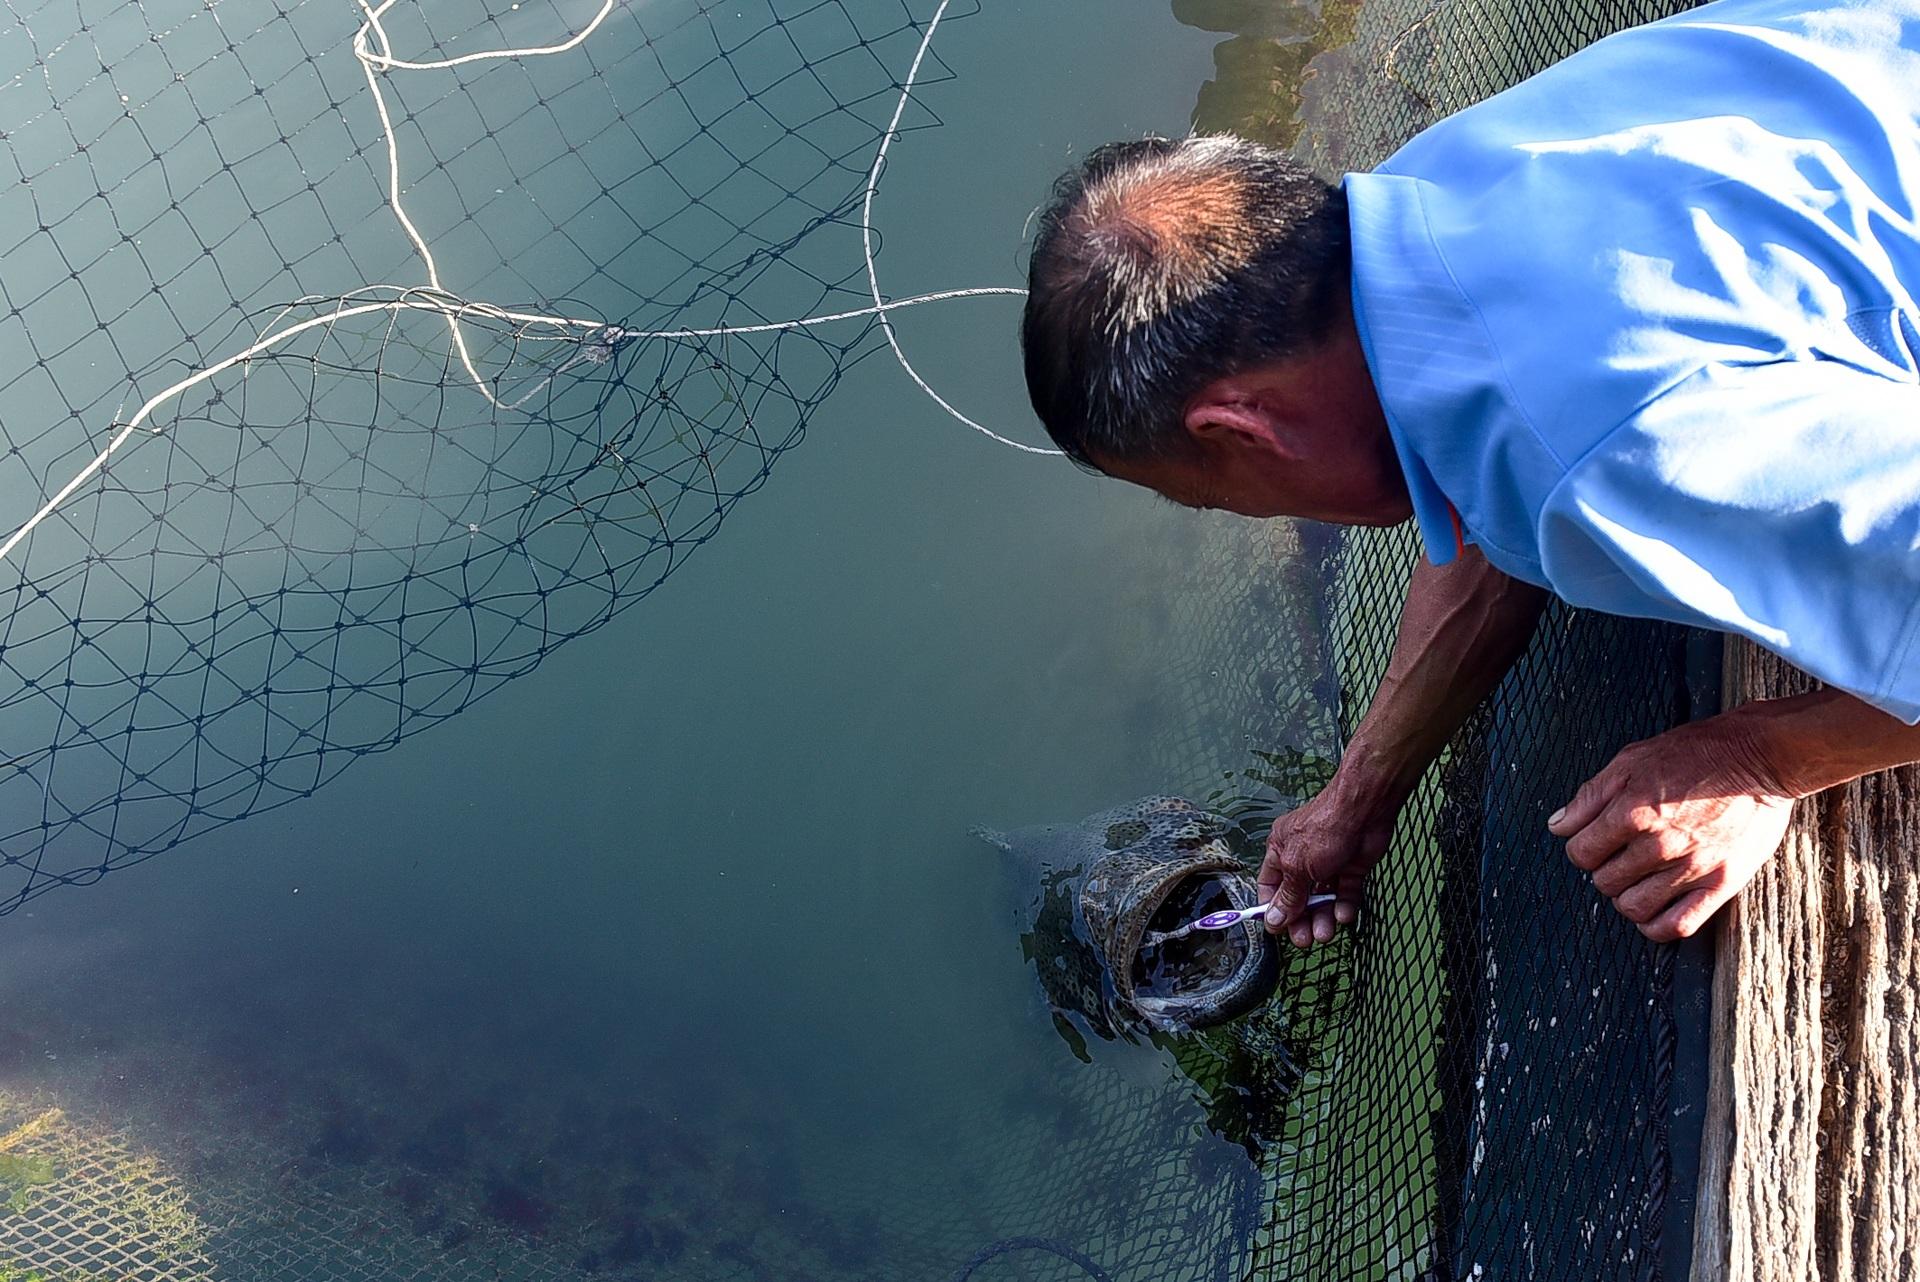 Chuyện lạ tại Quảng Ninh: Cá song mê đánh răng, thích vuốt ve, trò chuyện với người - 13